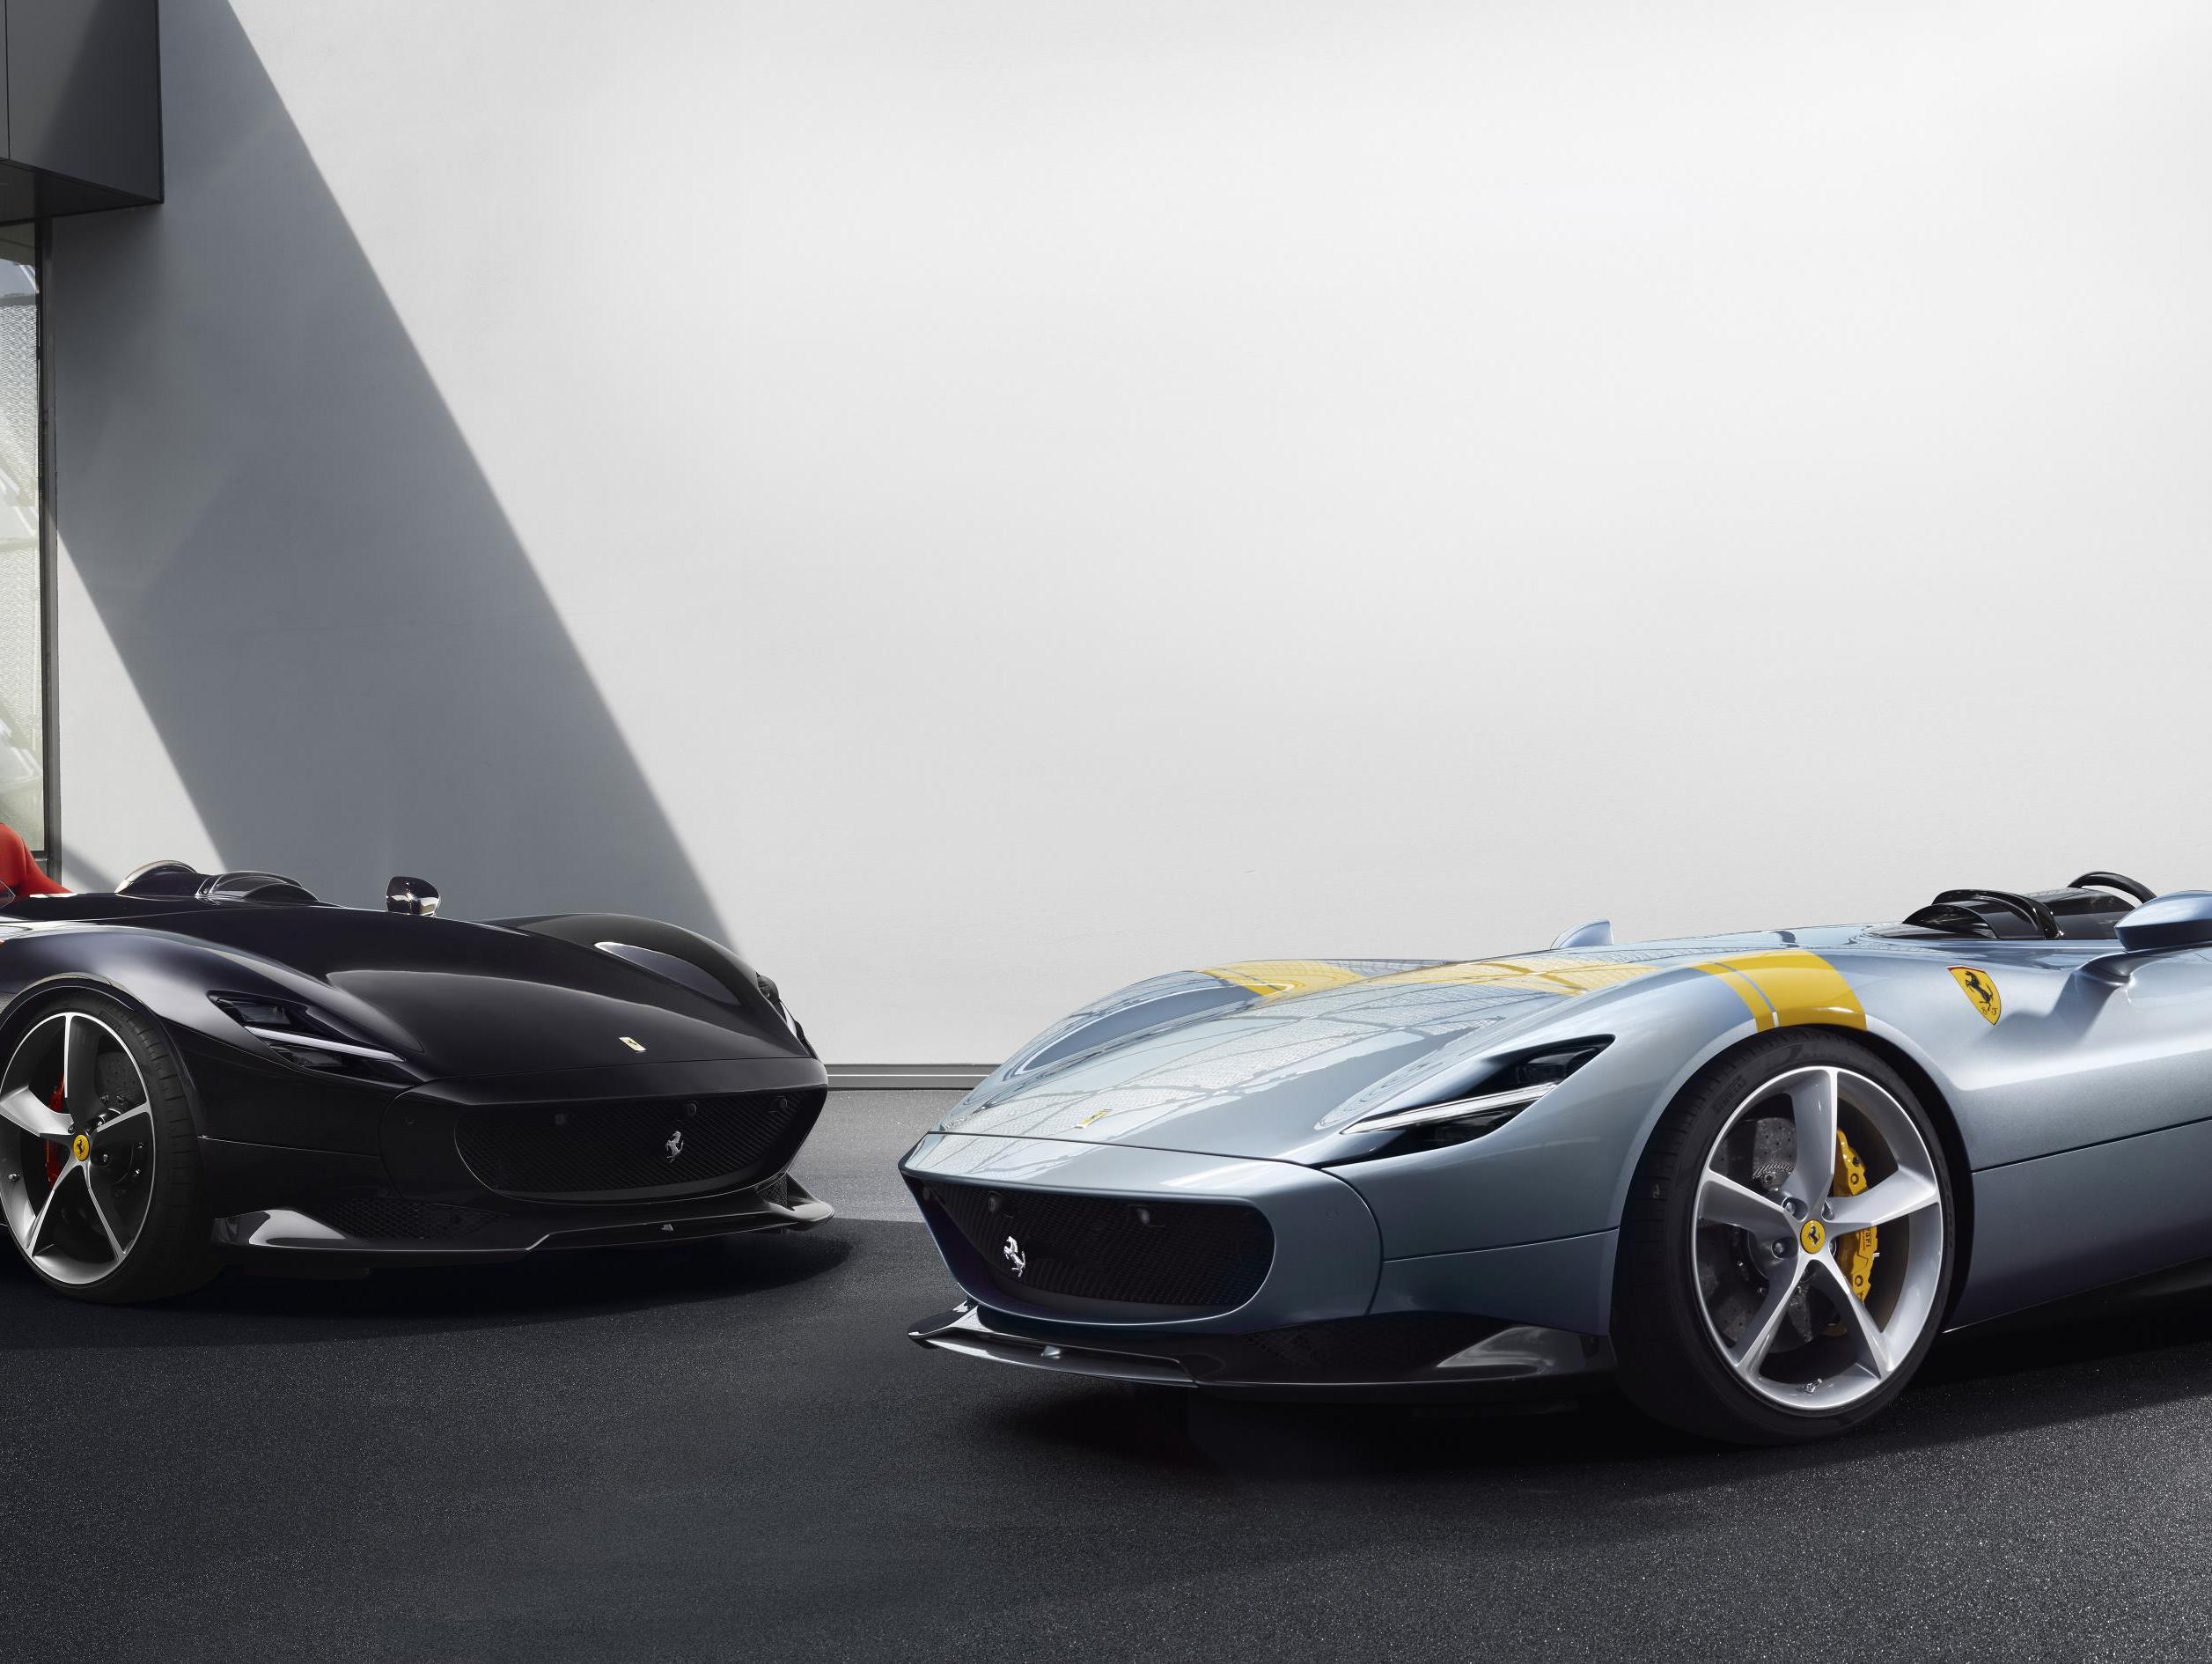 חלומות כפולים: פרארי מציגה 2 מכוניות קיצון חדשות